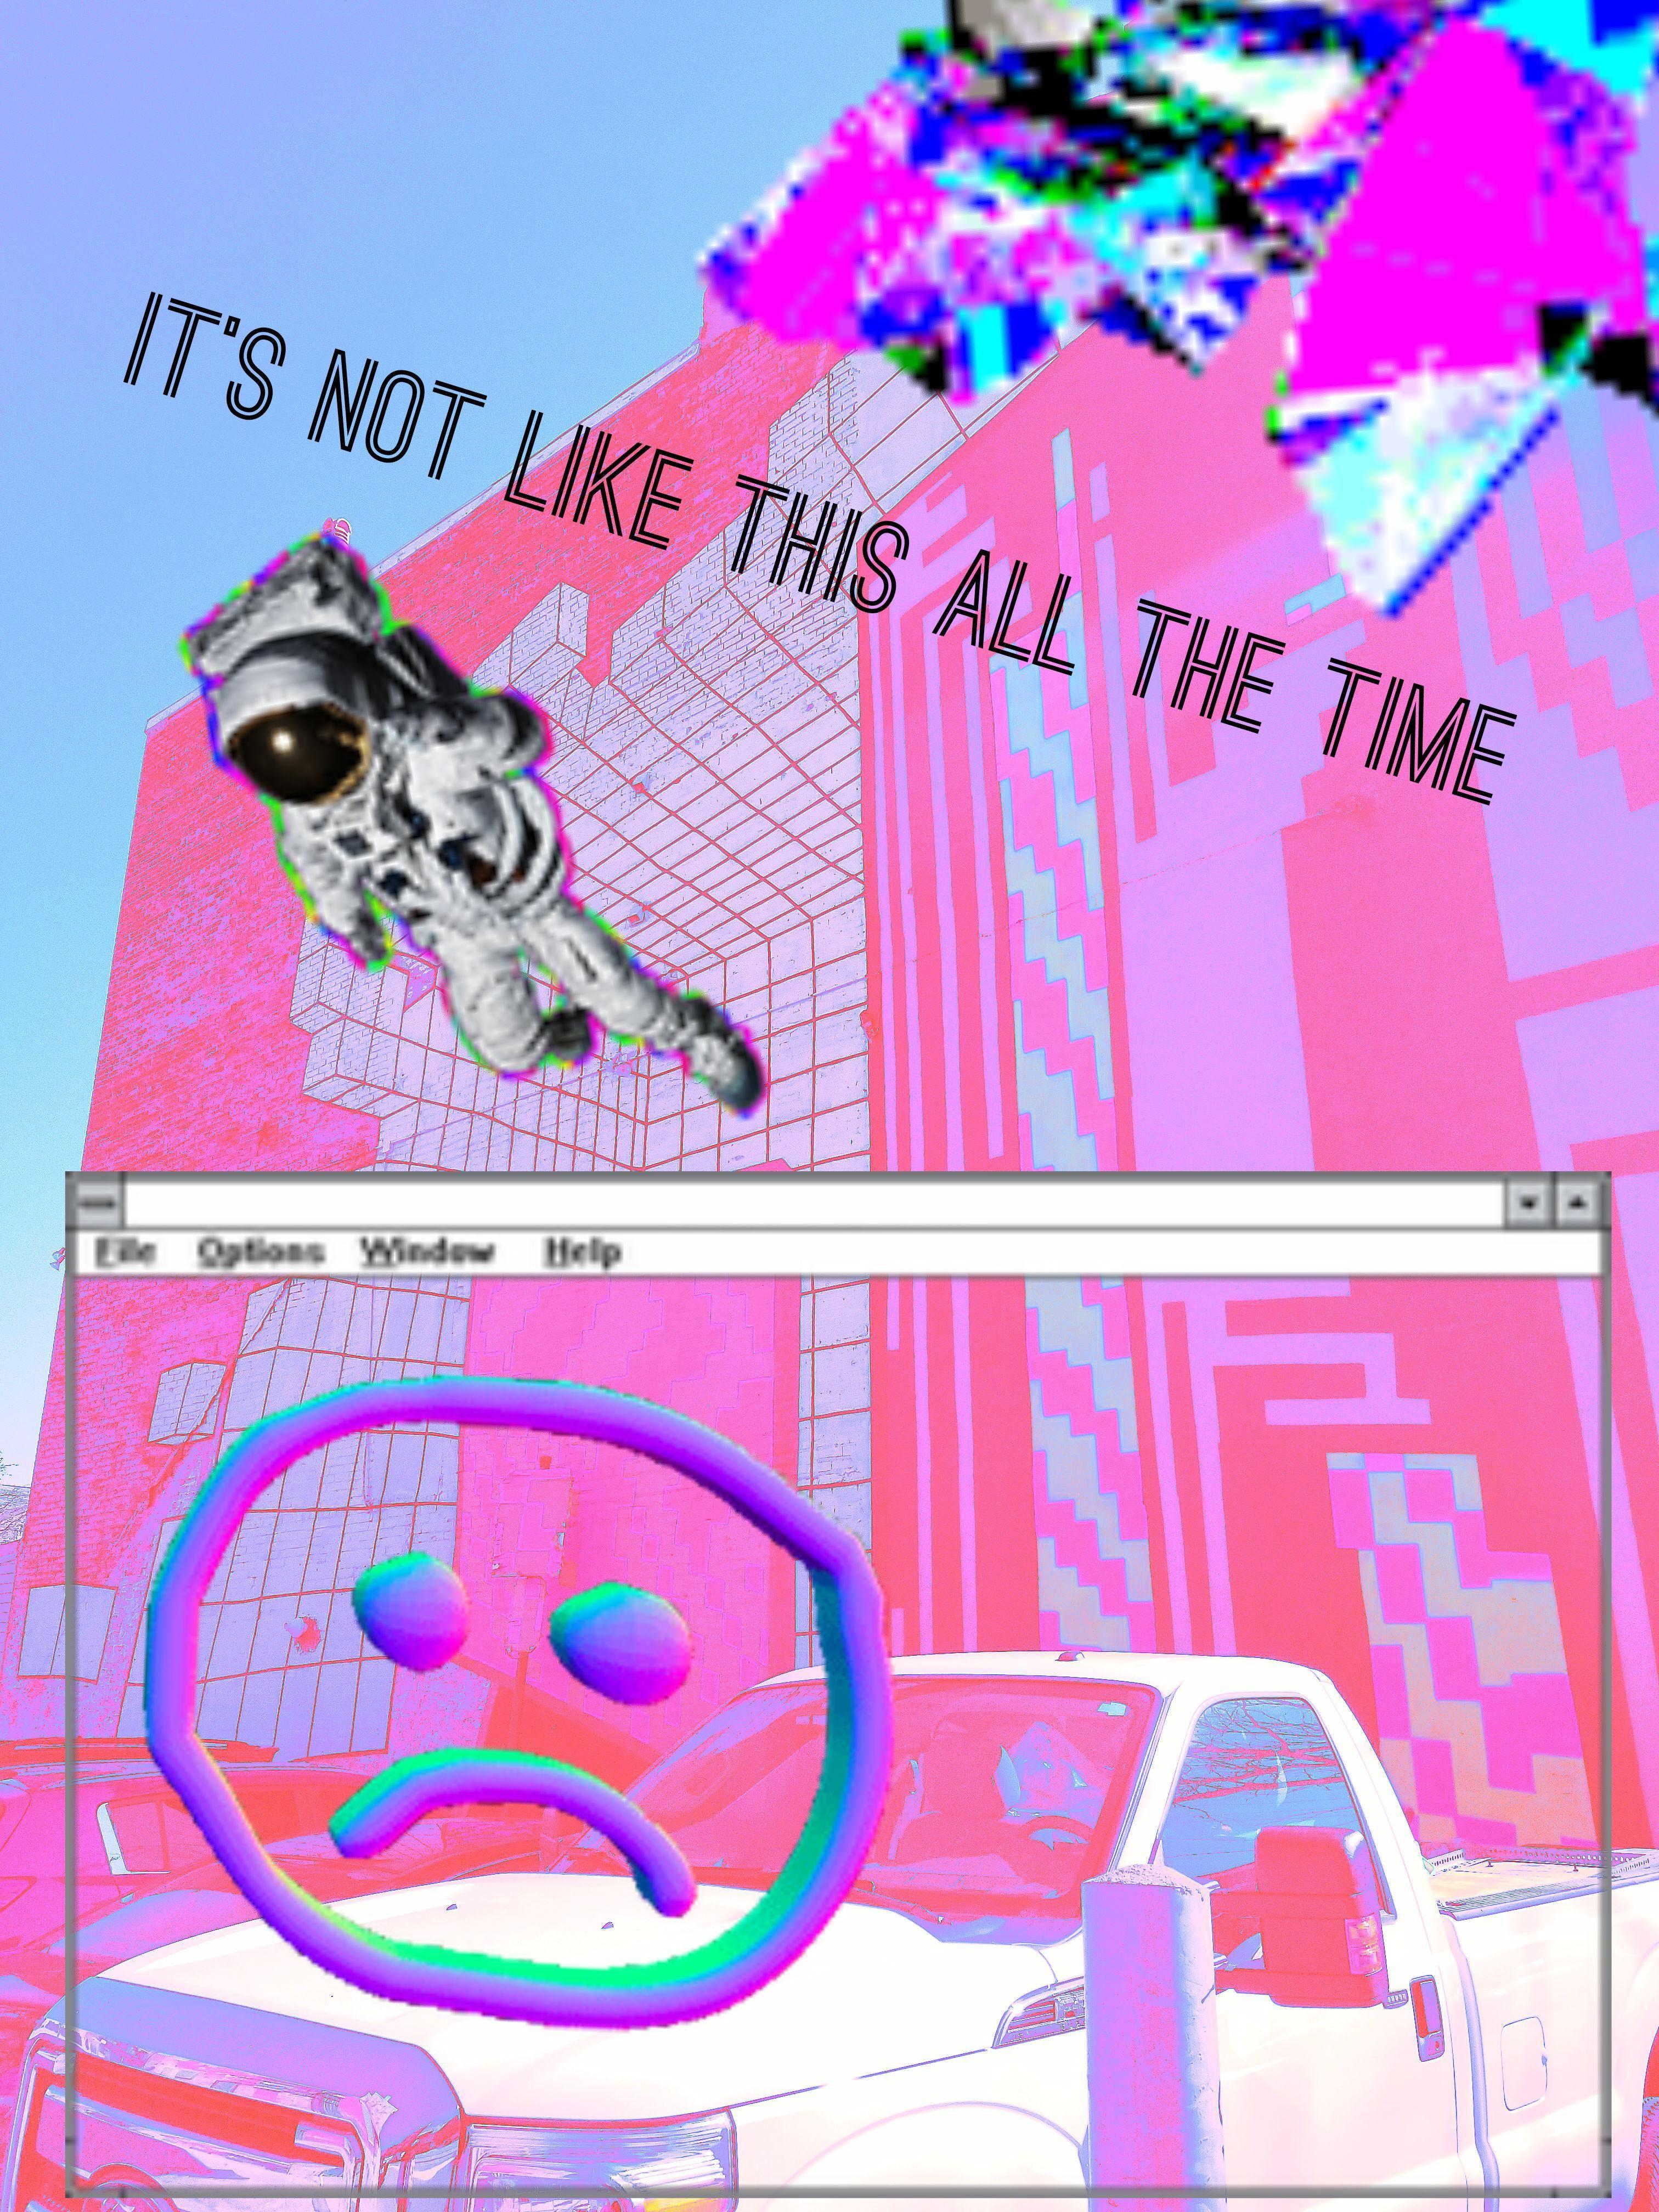 Art Therapy Vhs 90s Analog Nostalgic Cyberpunk Surrealism